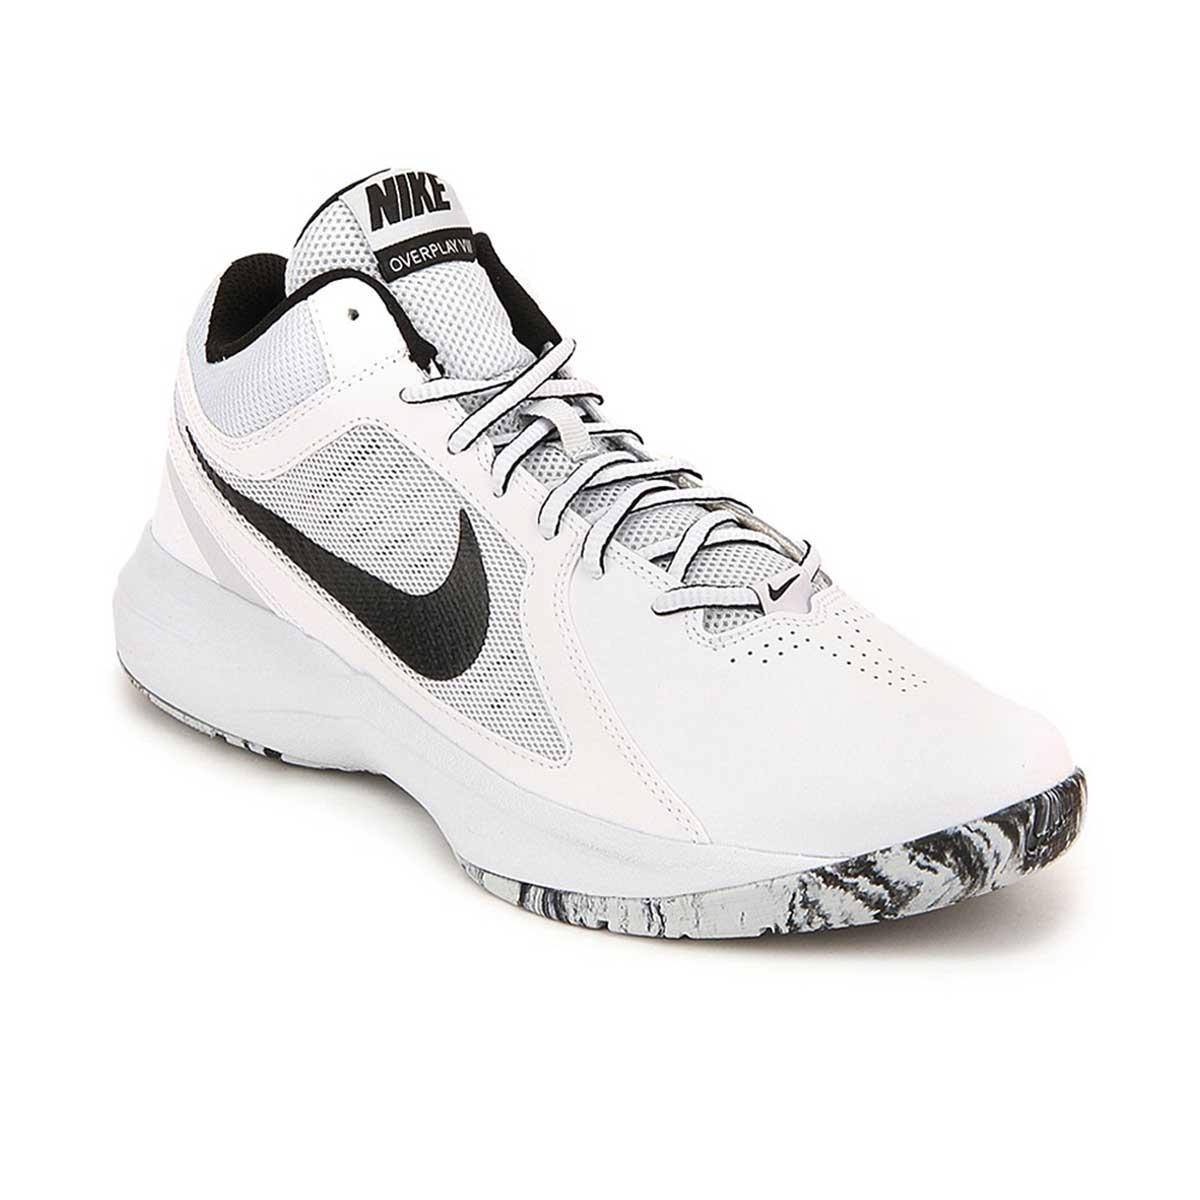 Buy Nike Overplay VIII Basketball Shoes